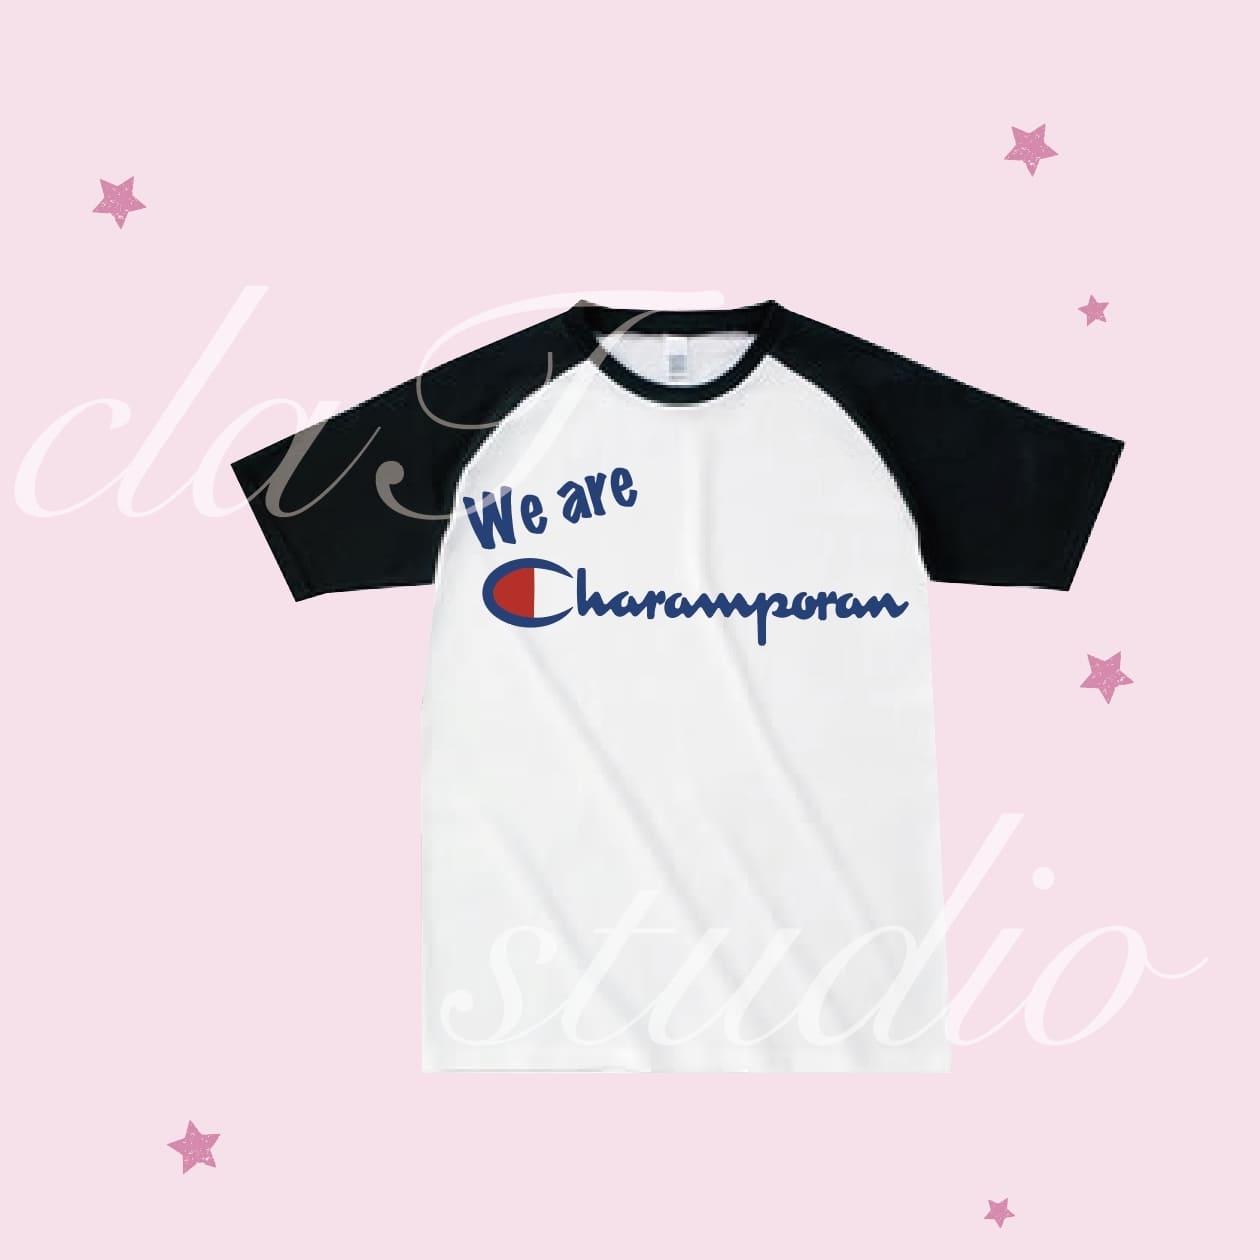 チャンピオン_design_0002